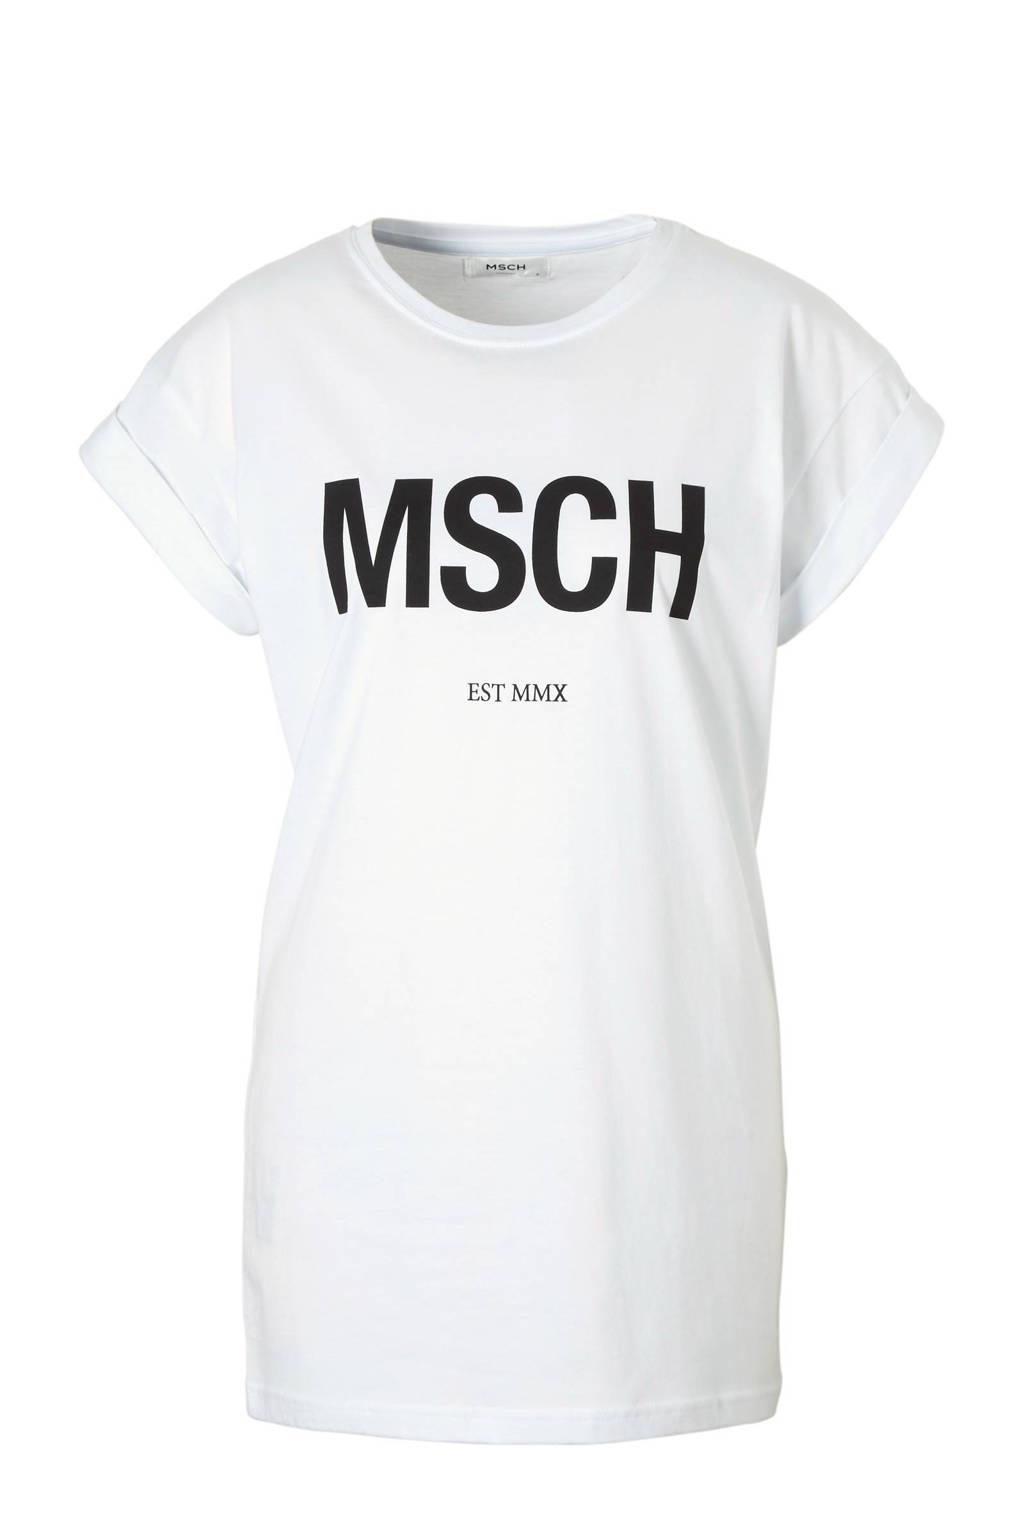 MSCH Copenhagen Alva MSCH EST T-shirt, Wit/zwart